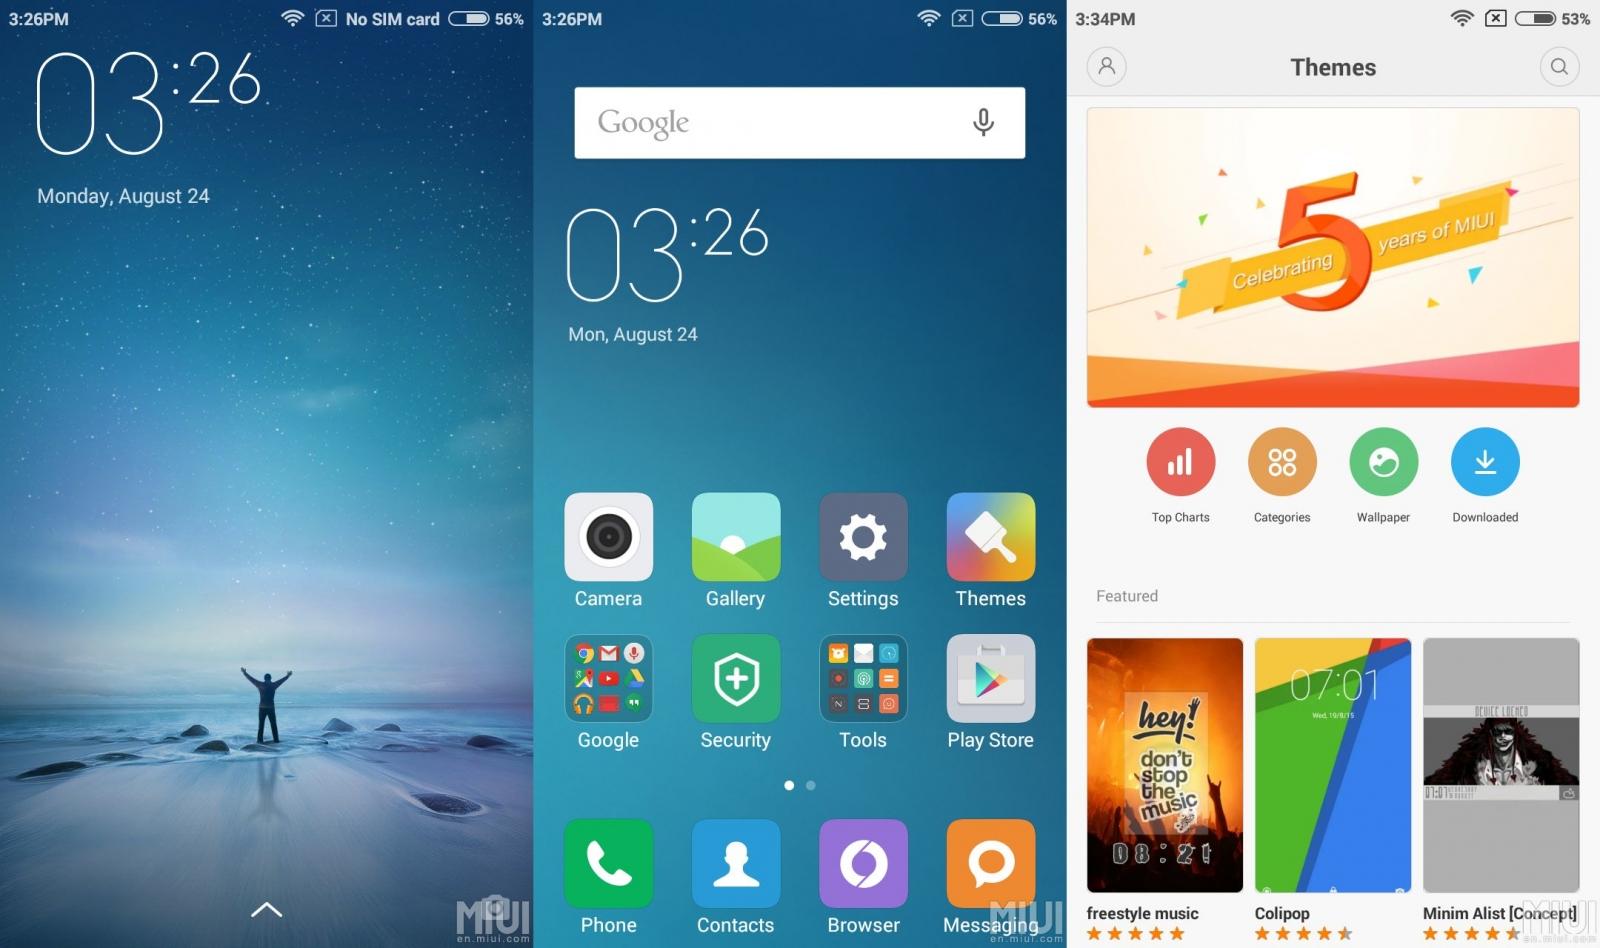 [ روم ] [ Miui v7 - Android Kitkat 4.4.2 ] لأجهزة Galaxy Note 3